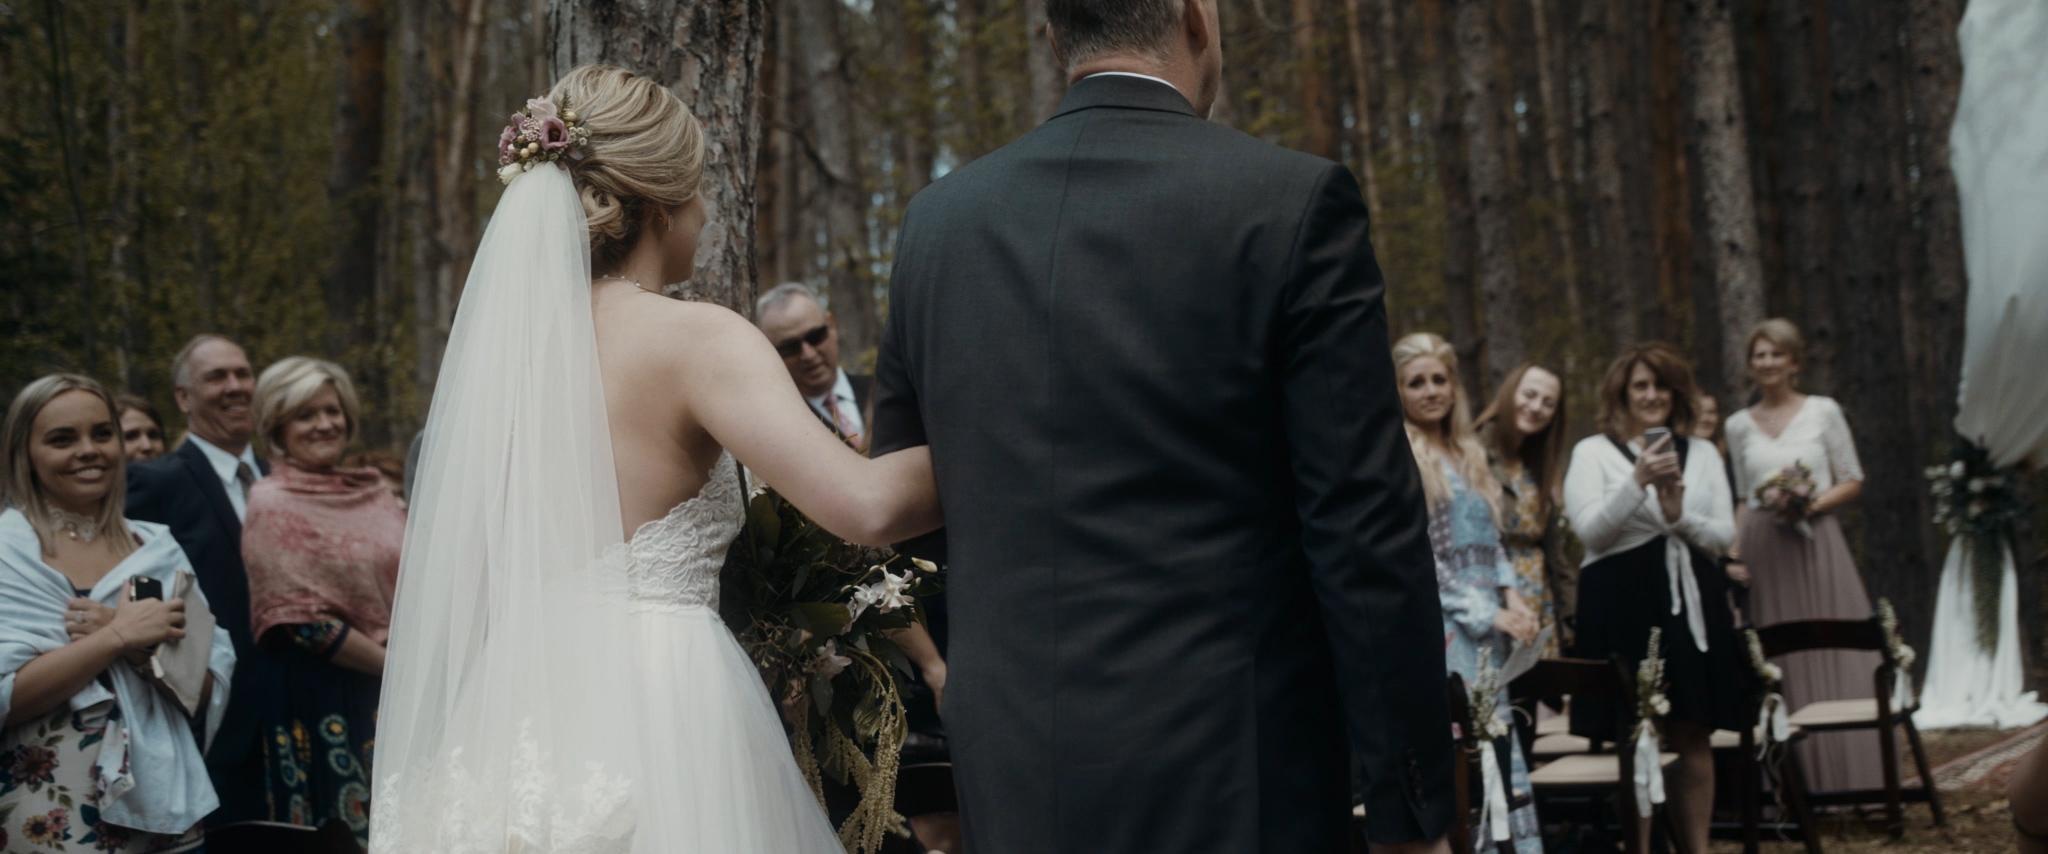 HAVENS_Wedding_Film.00_02_54_20.Still040.jpg